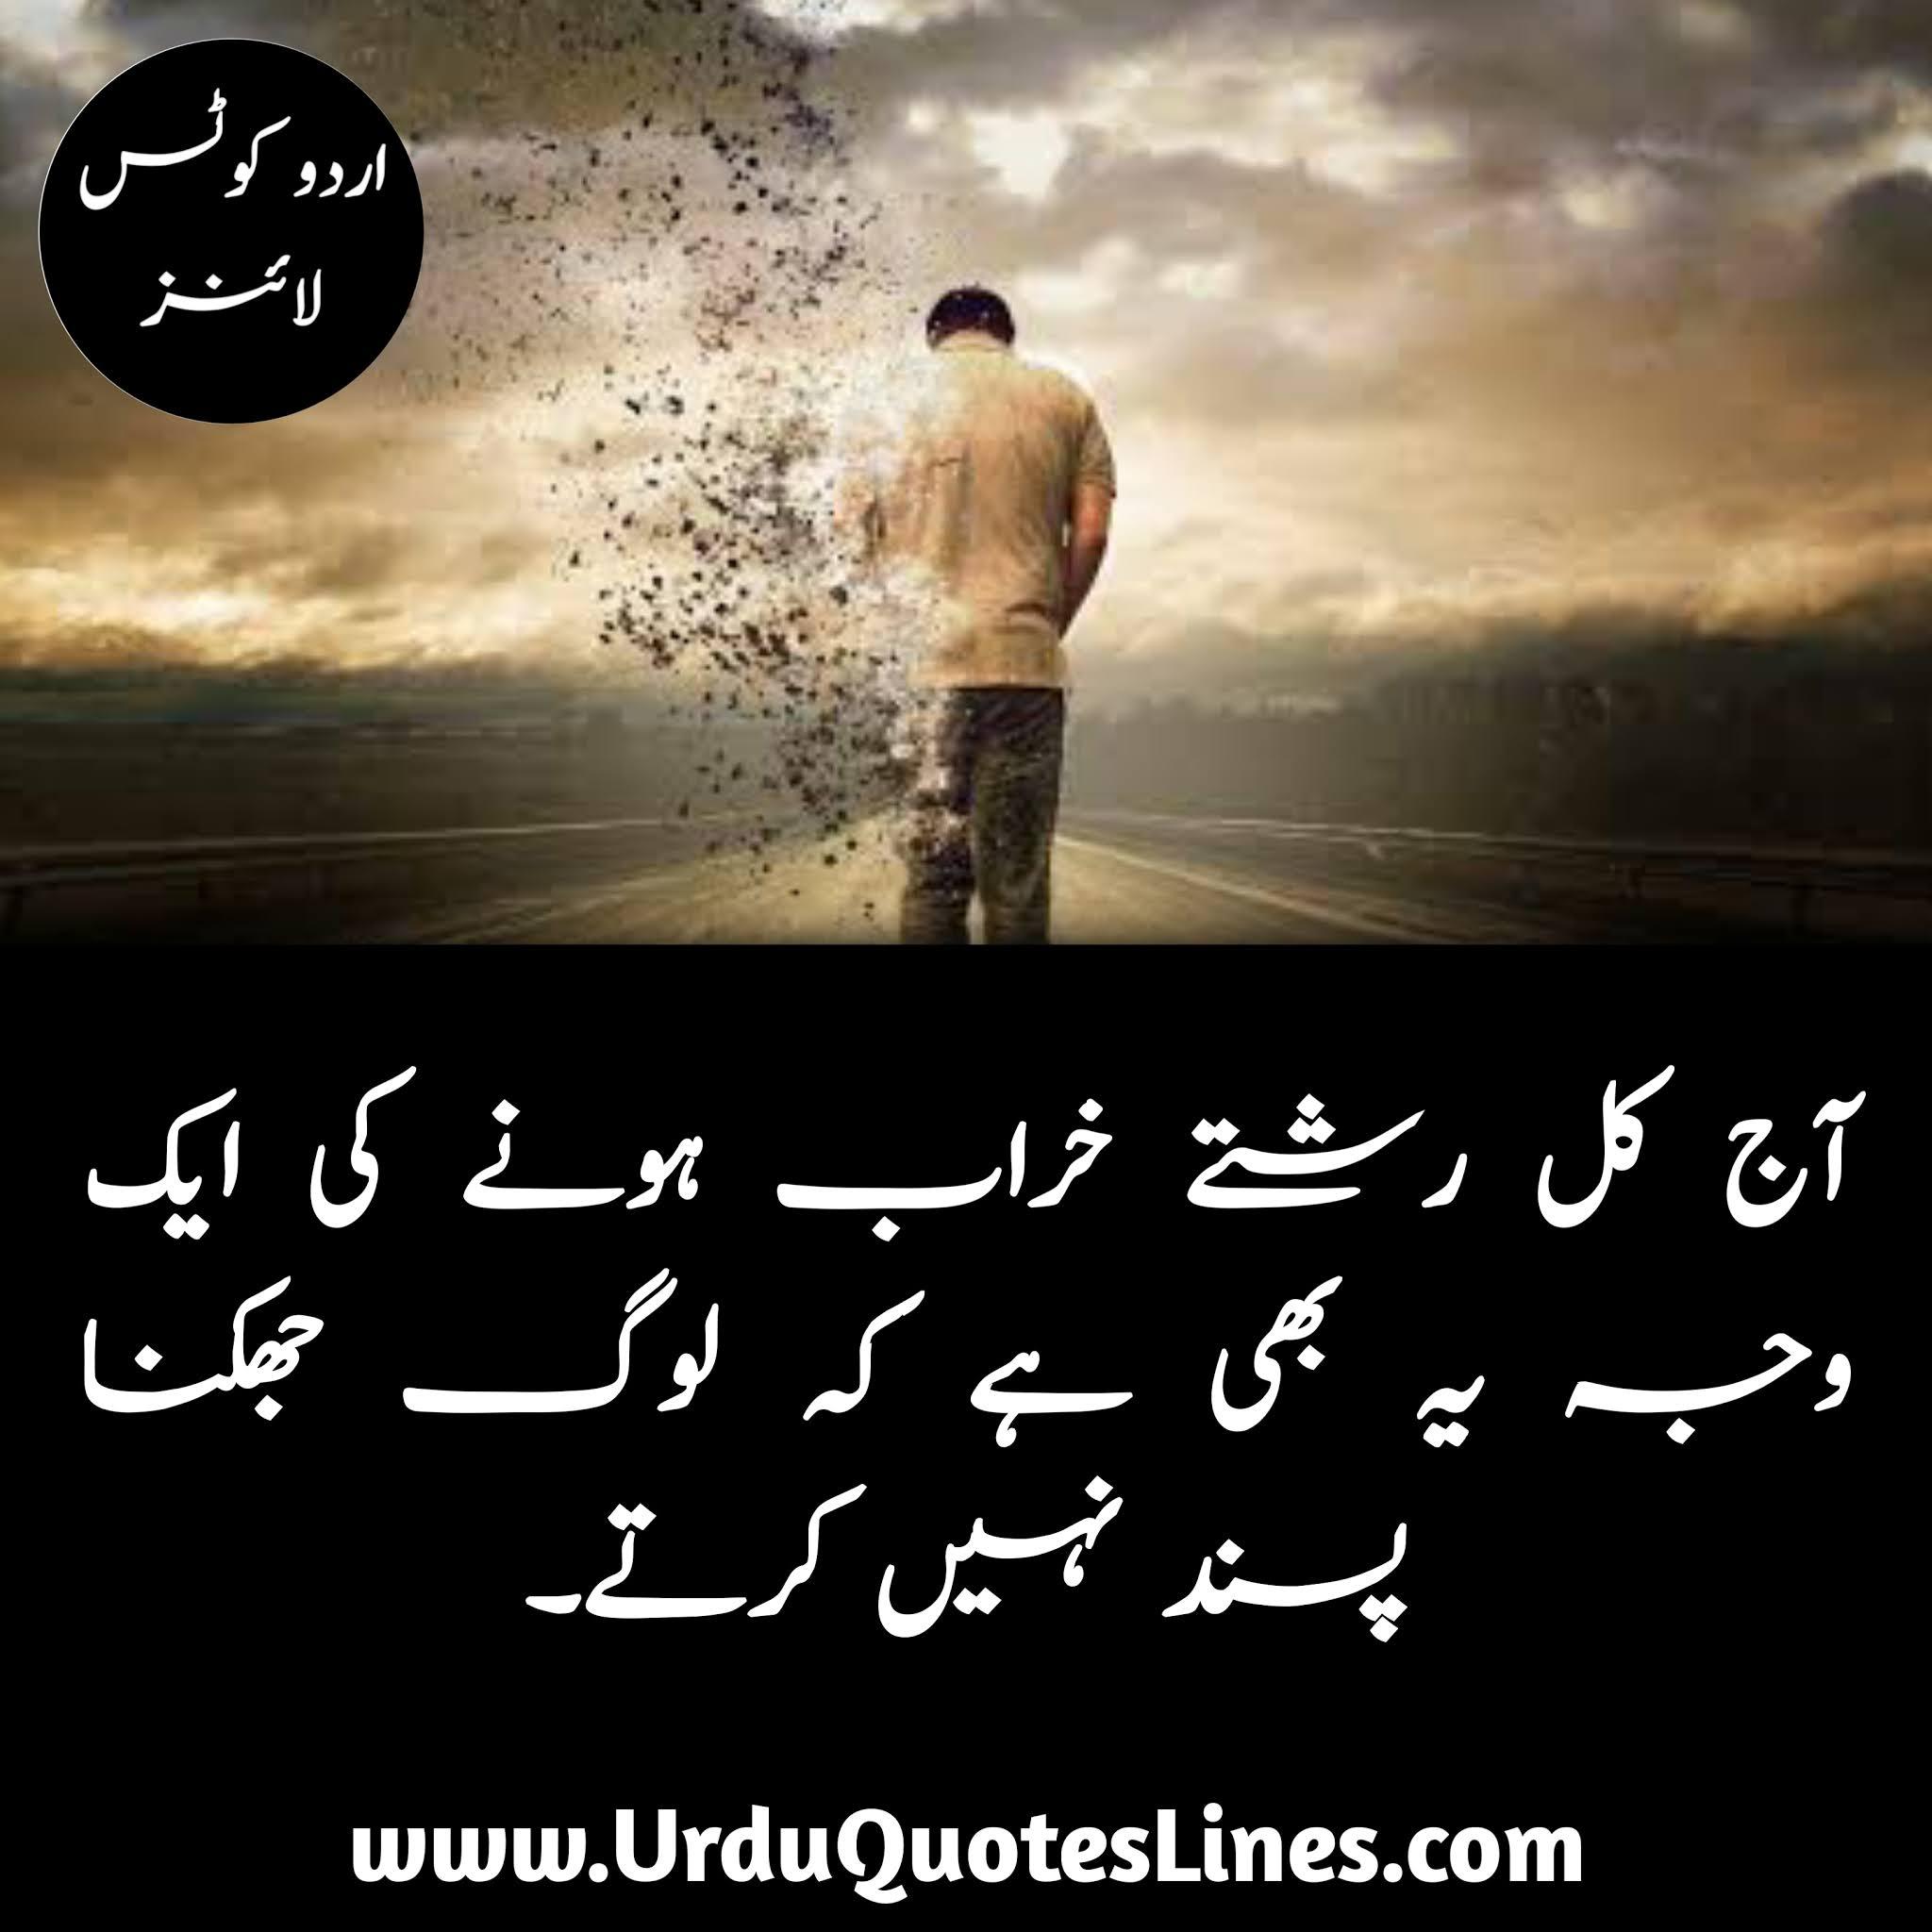 Aaj Kal Rishte Urdu Quotes Lines About Life